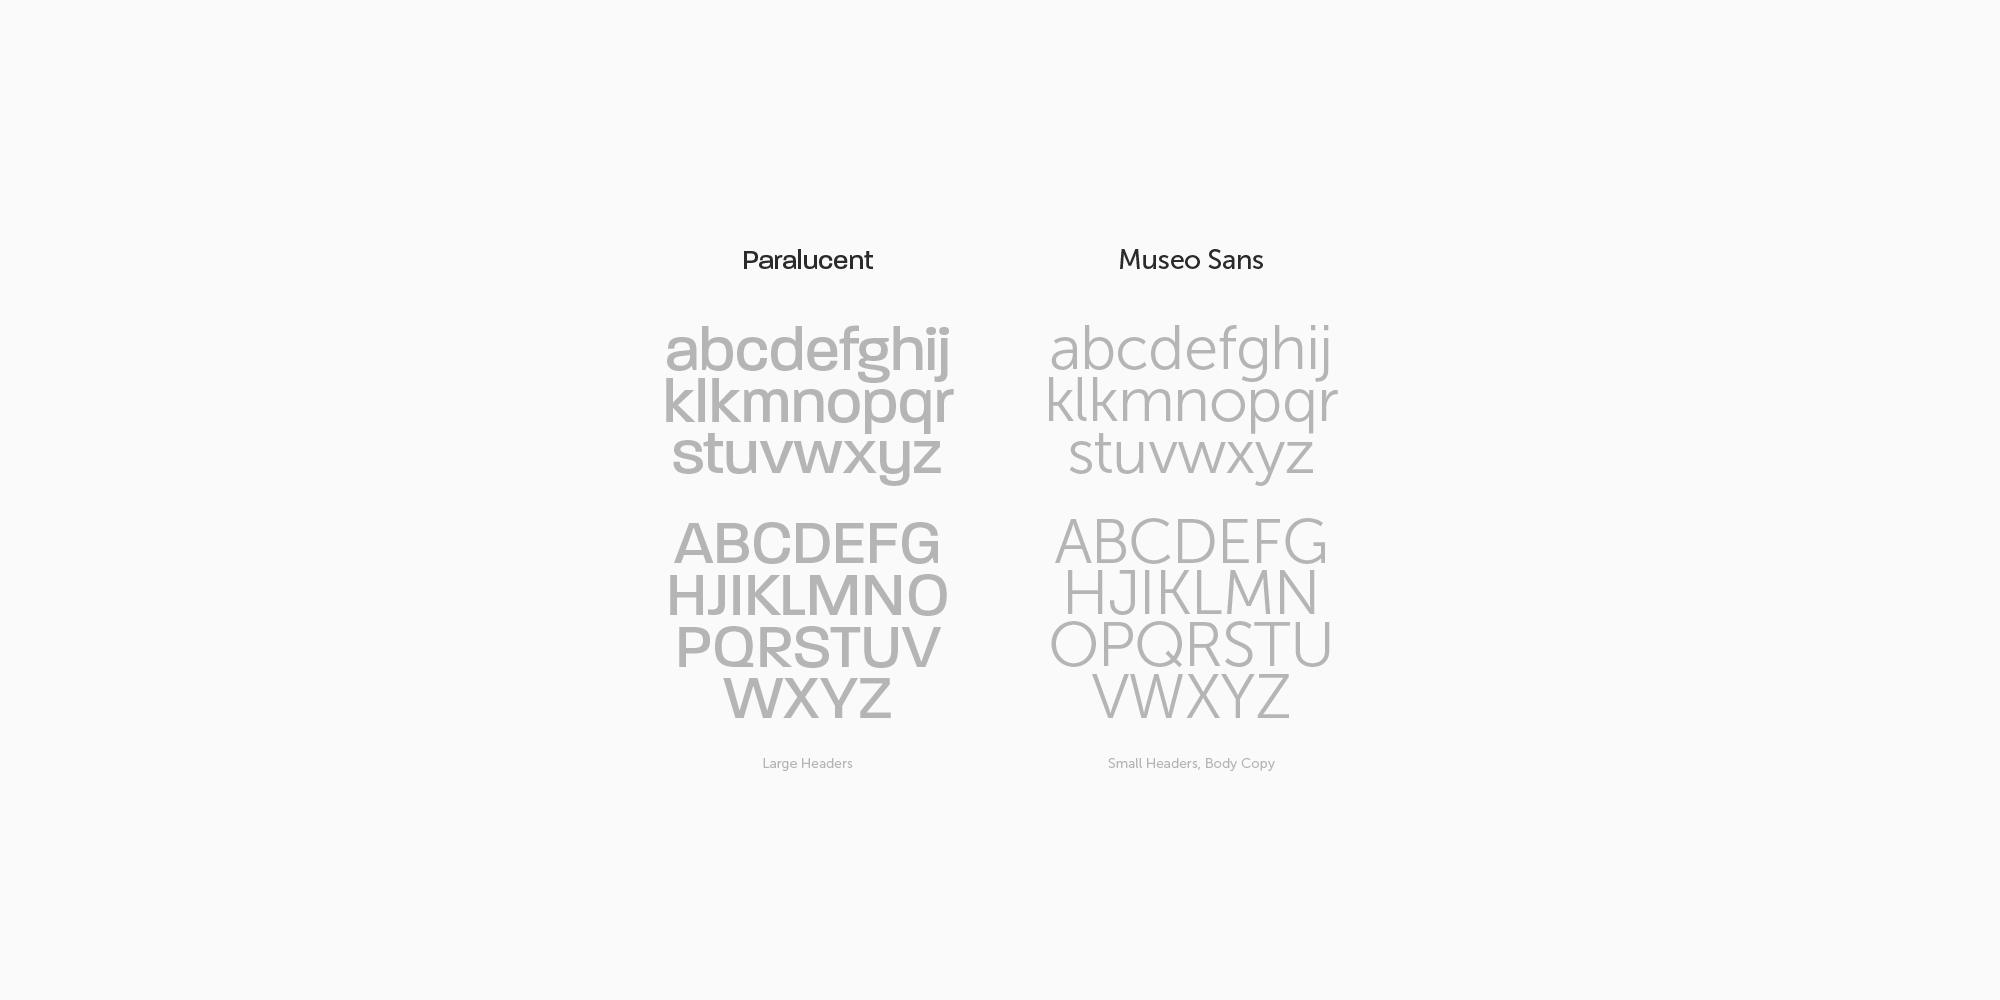 WorkWise_BrandIdentity_Typography_JulieEckert_Design_It'sSuper.jpg